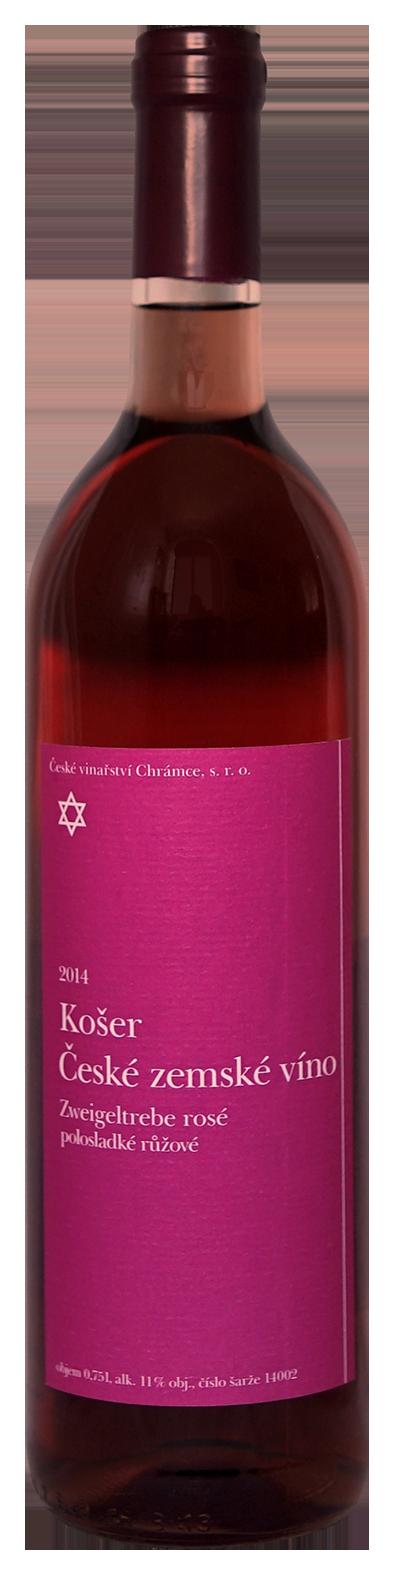 Růžová vína - Chrámce